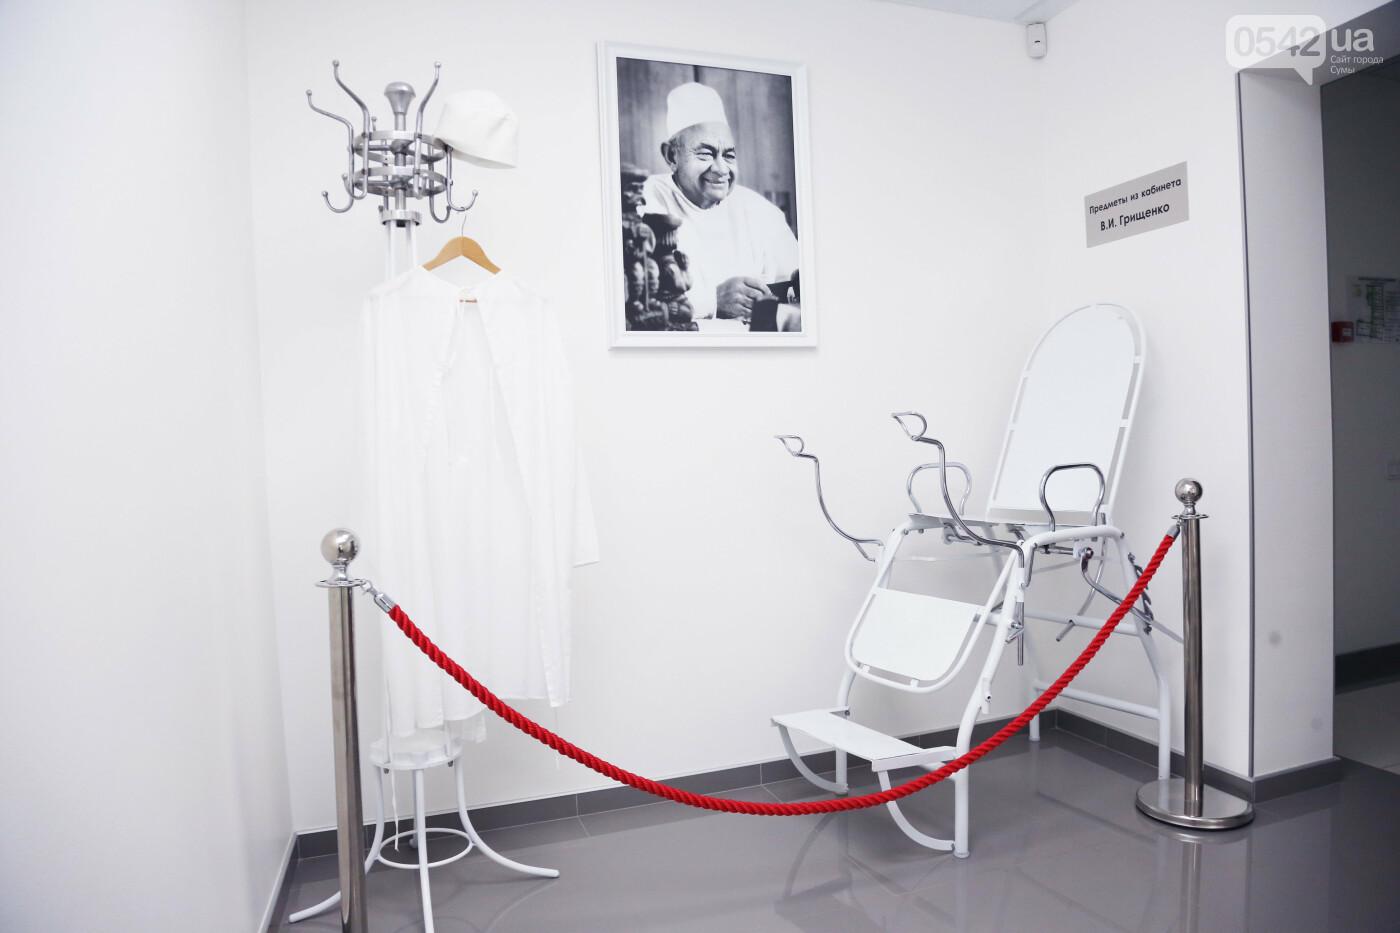 Клініка репродуктивної медицини  імені академіка В.І. Грищенко відкриває філію у м. Суми, фото-3